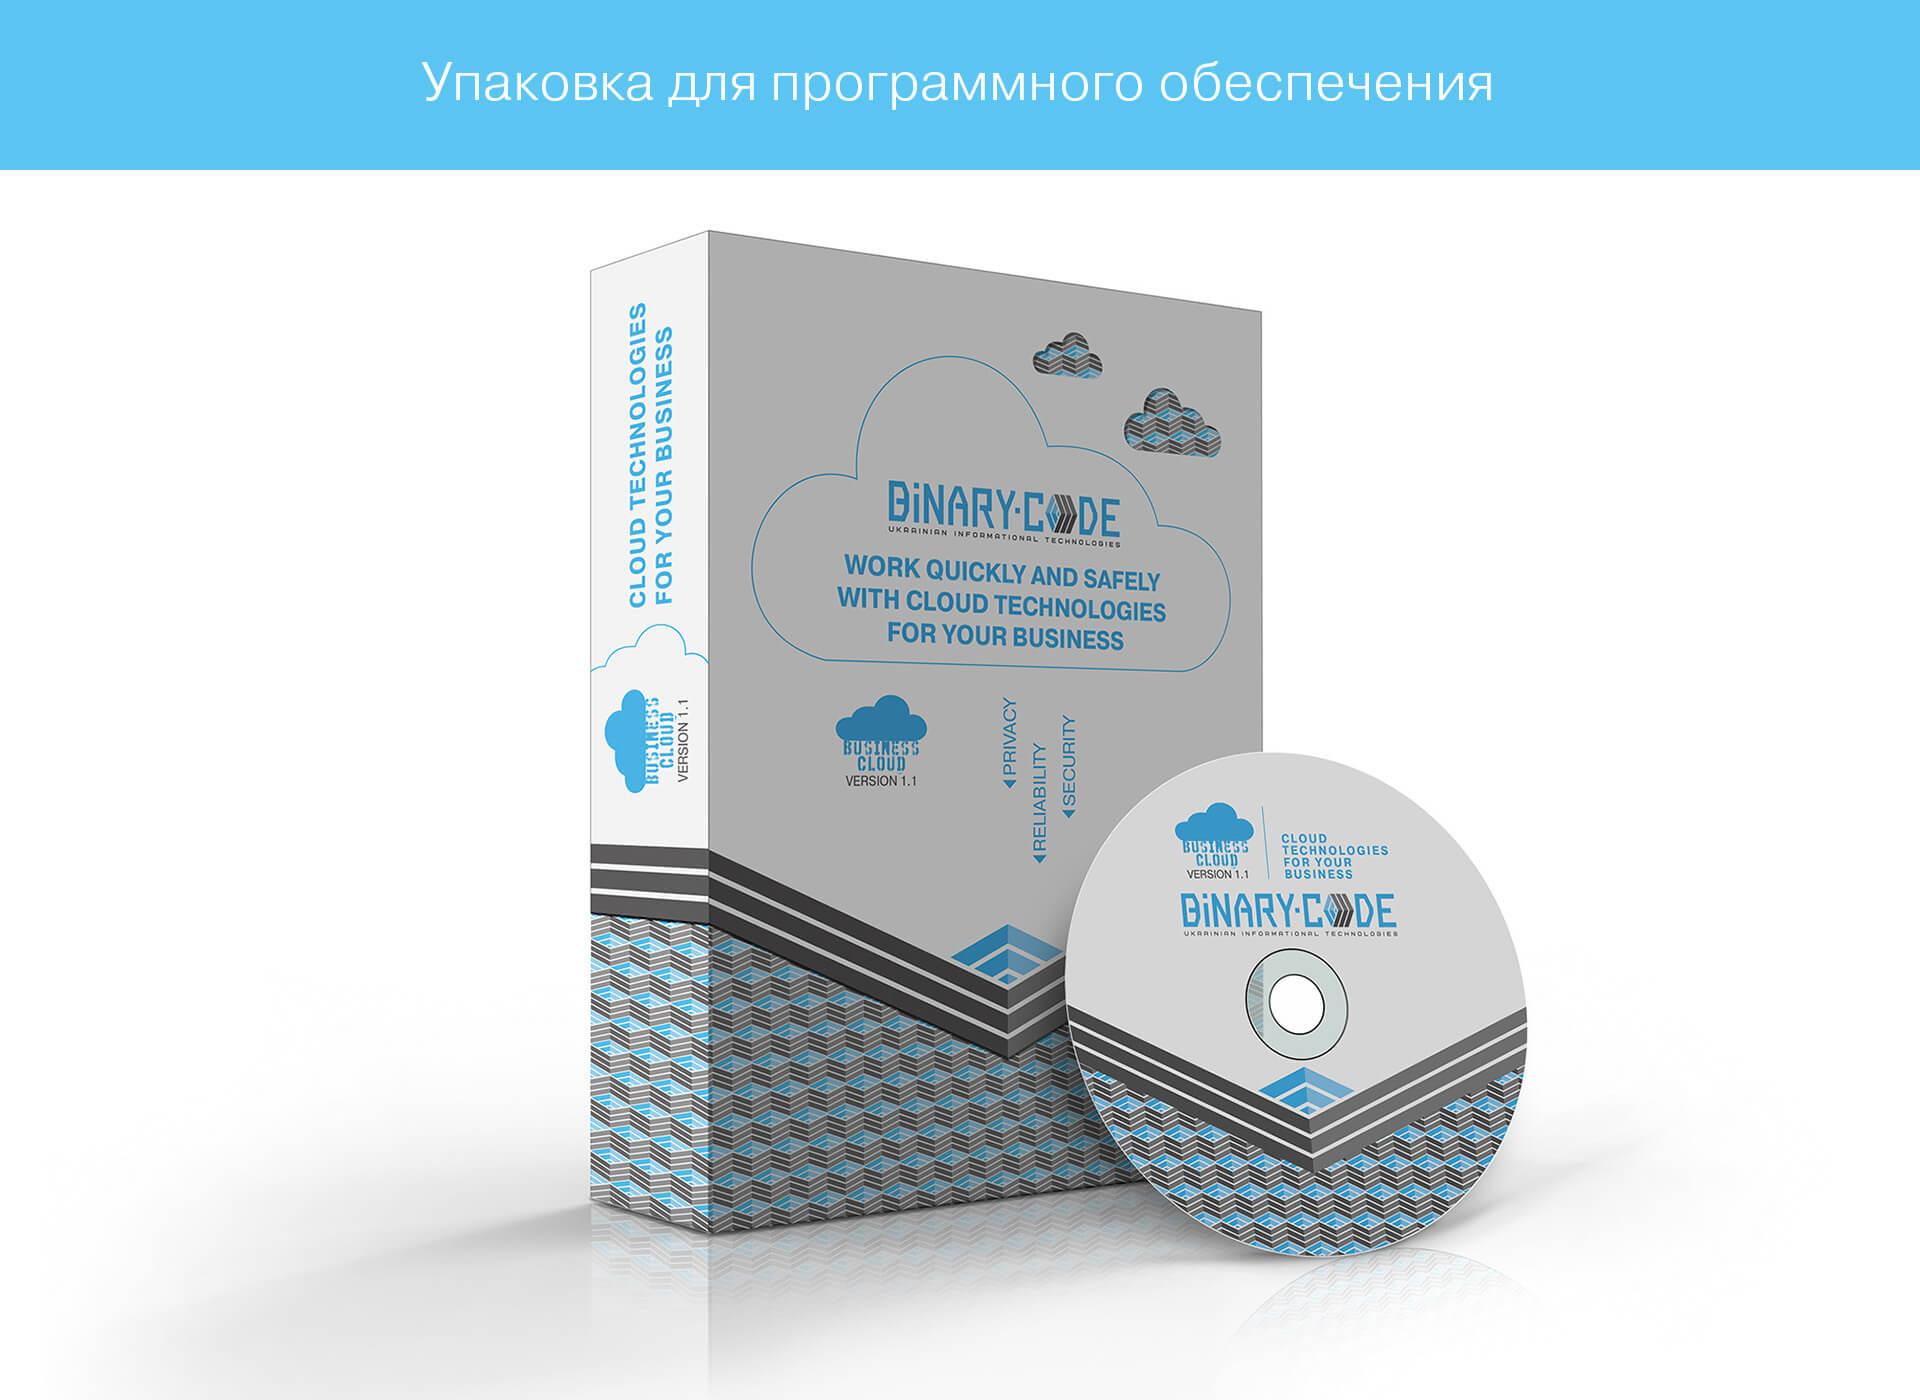 Разработка и создание дизайна упаковки для cd диска  (брендинг) от Fantastic Imago брендиногове рекламное агентство